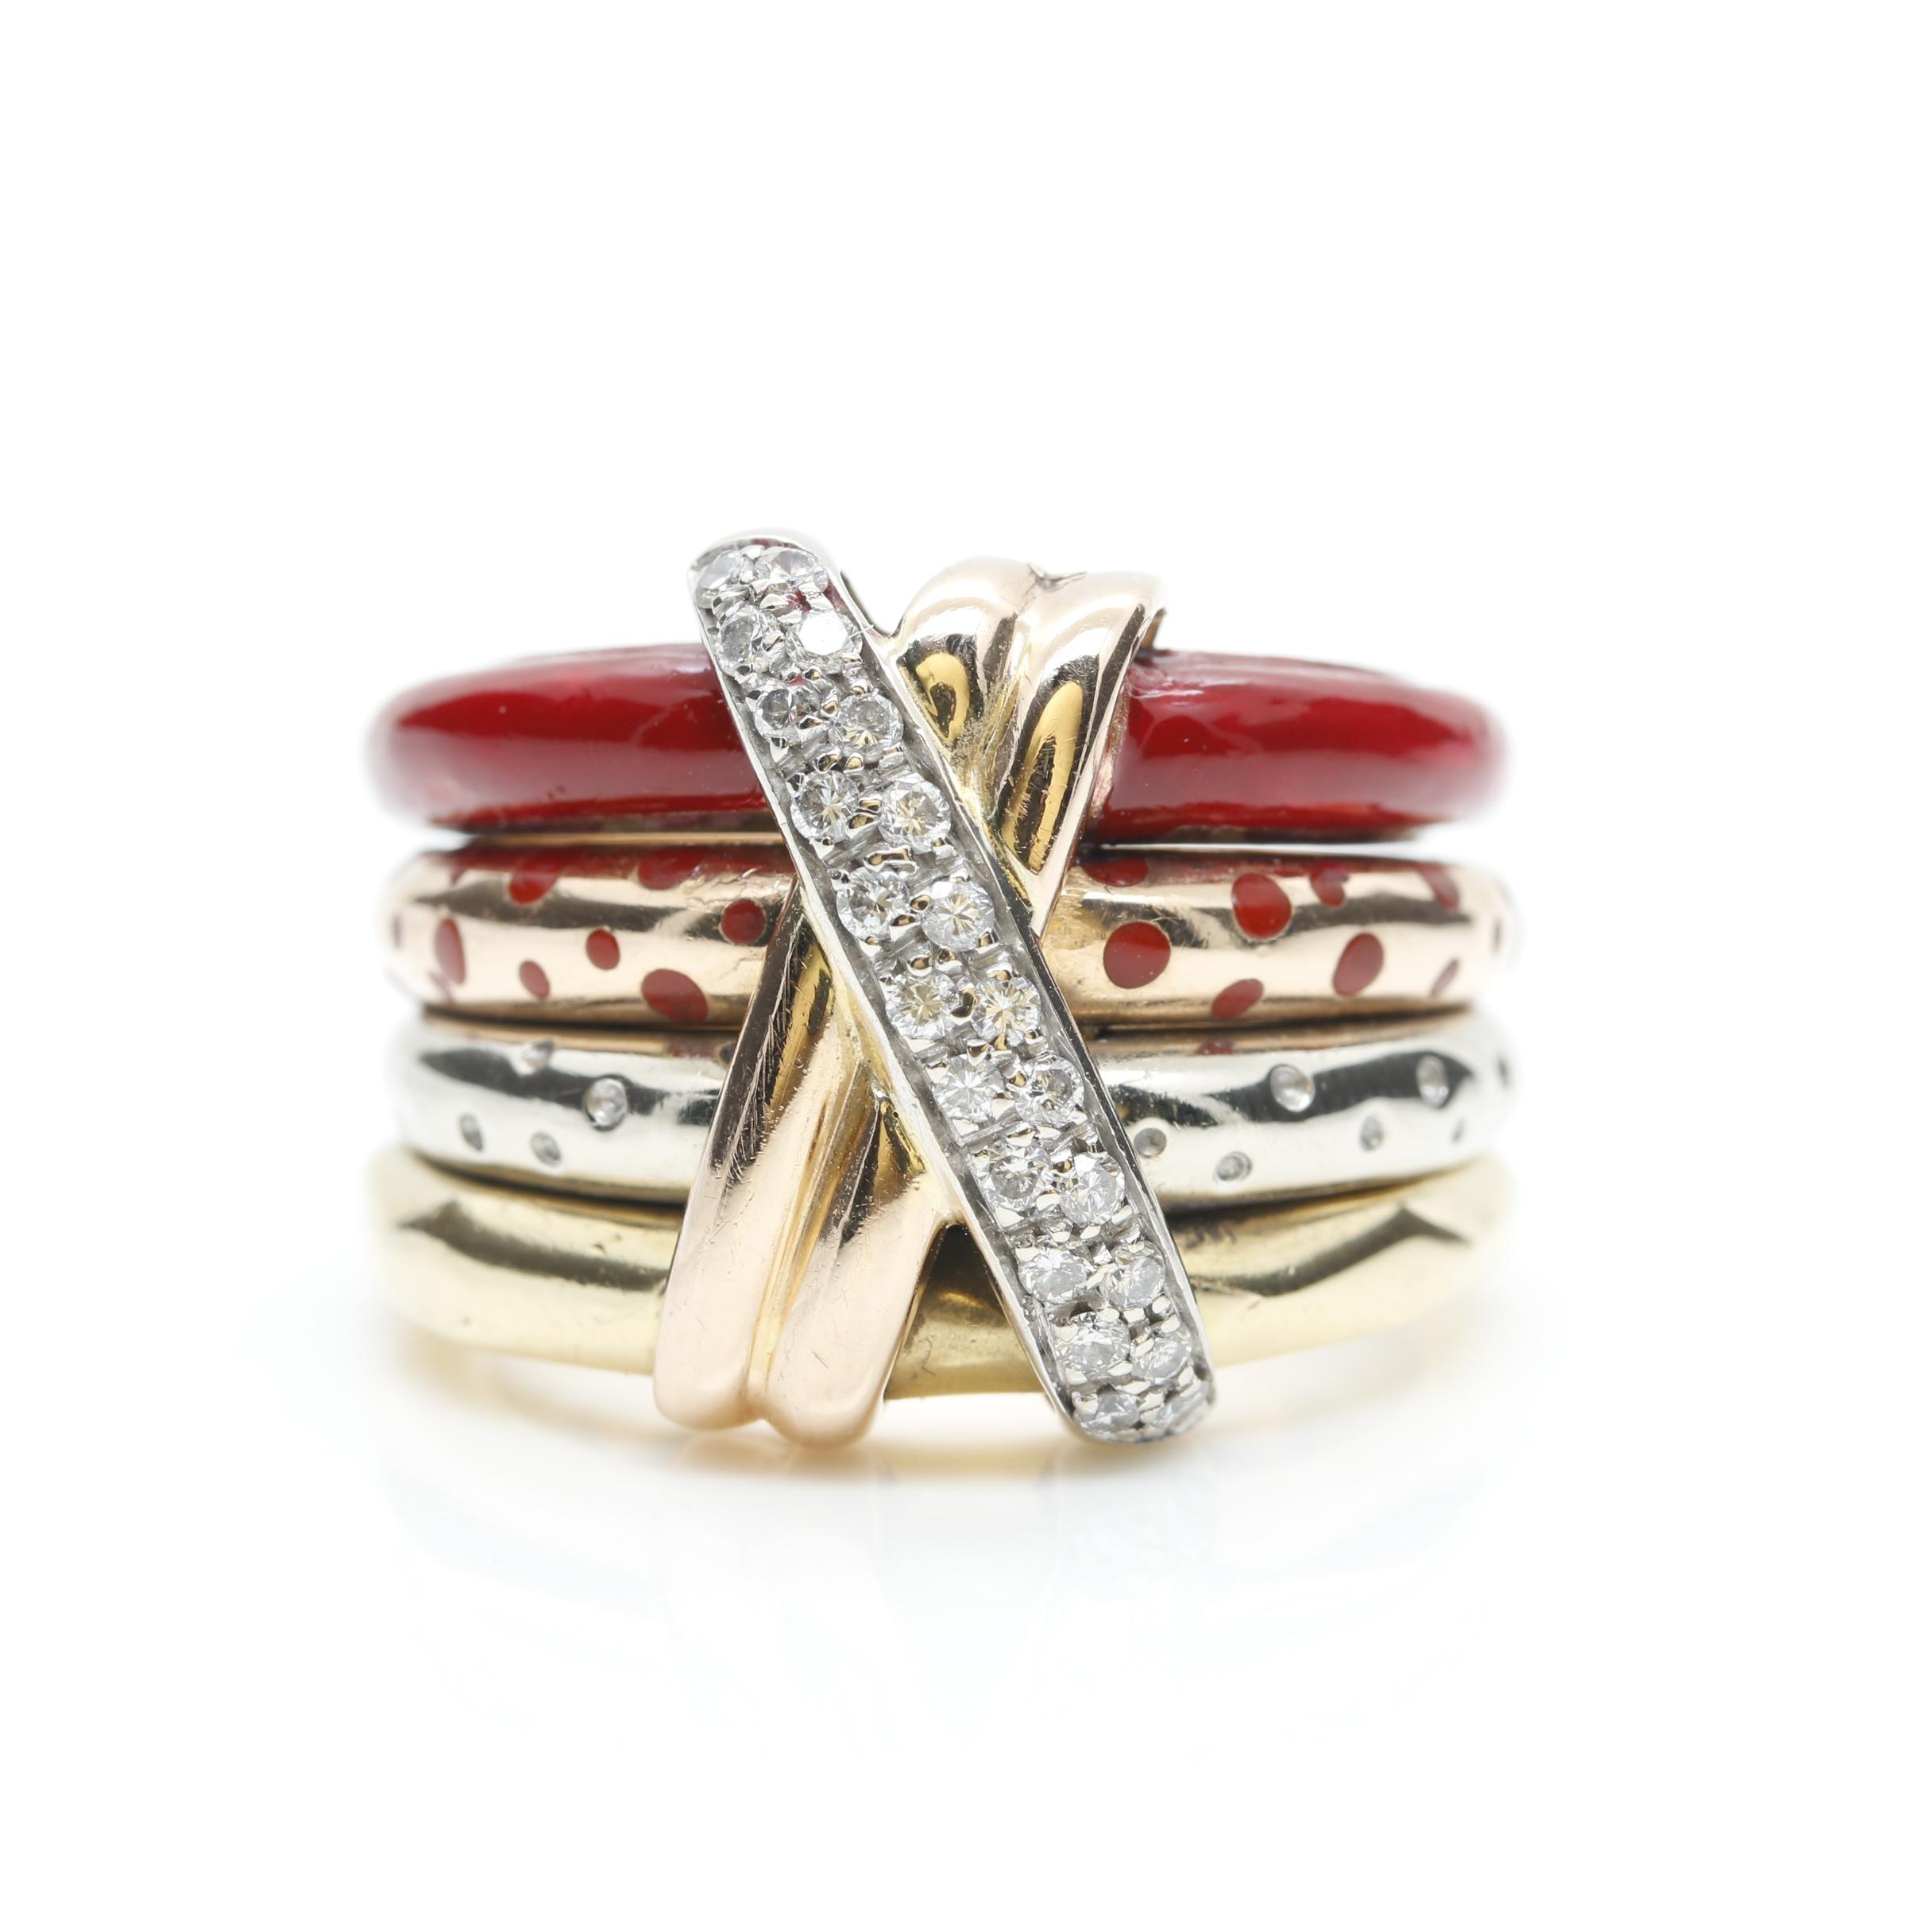 La Nouvelle Bague 18K Tri-Color Gold Diamond Ring